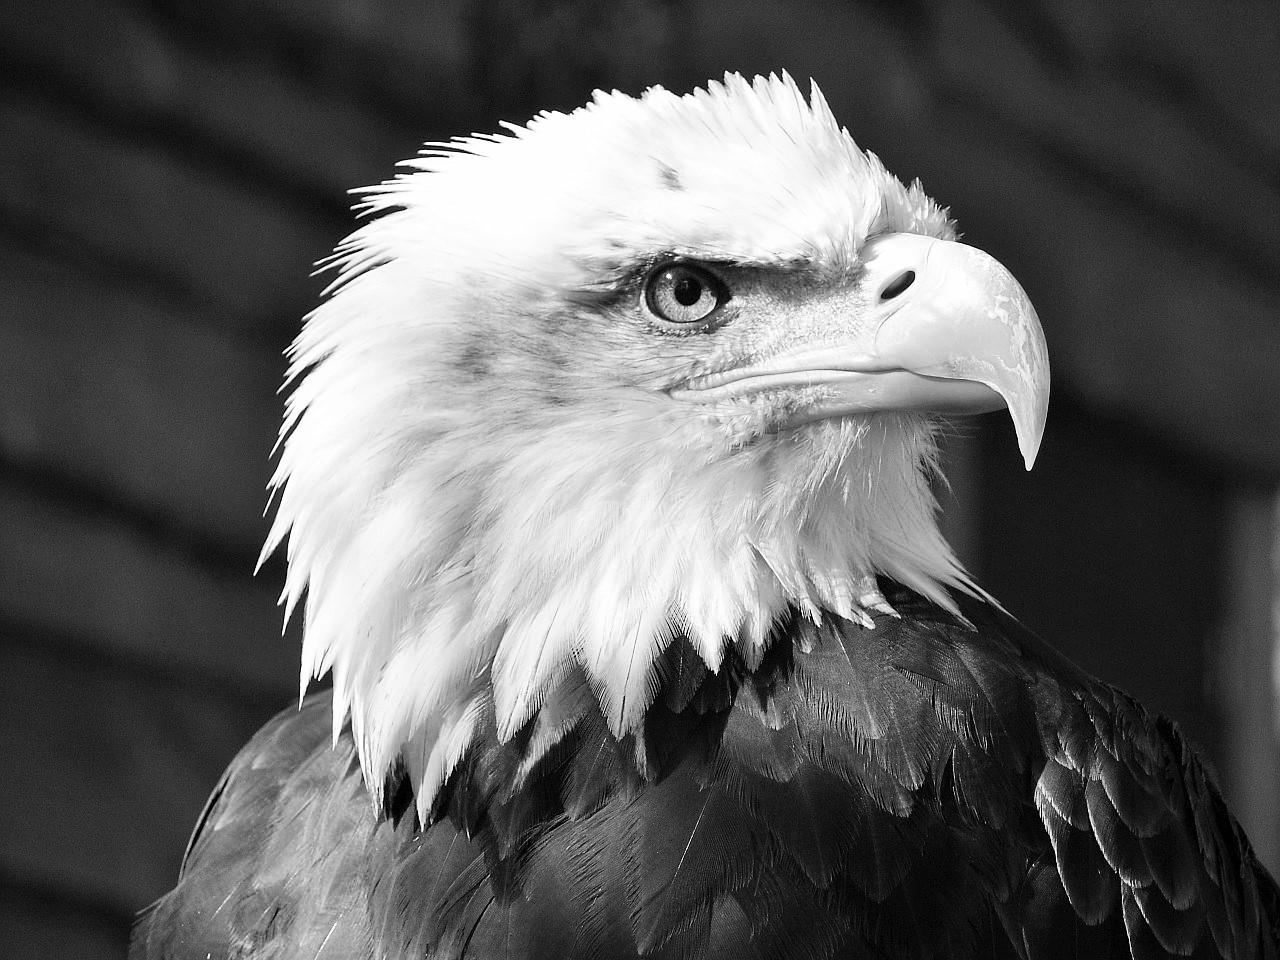 bald-eagle-550804_1280 (2)